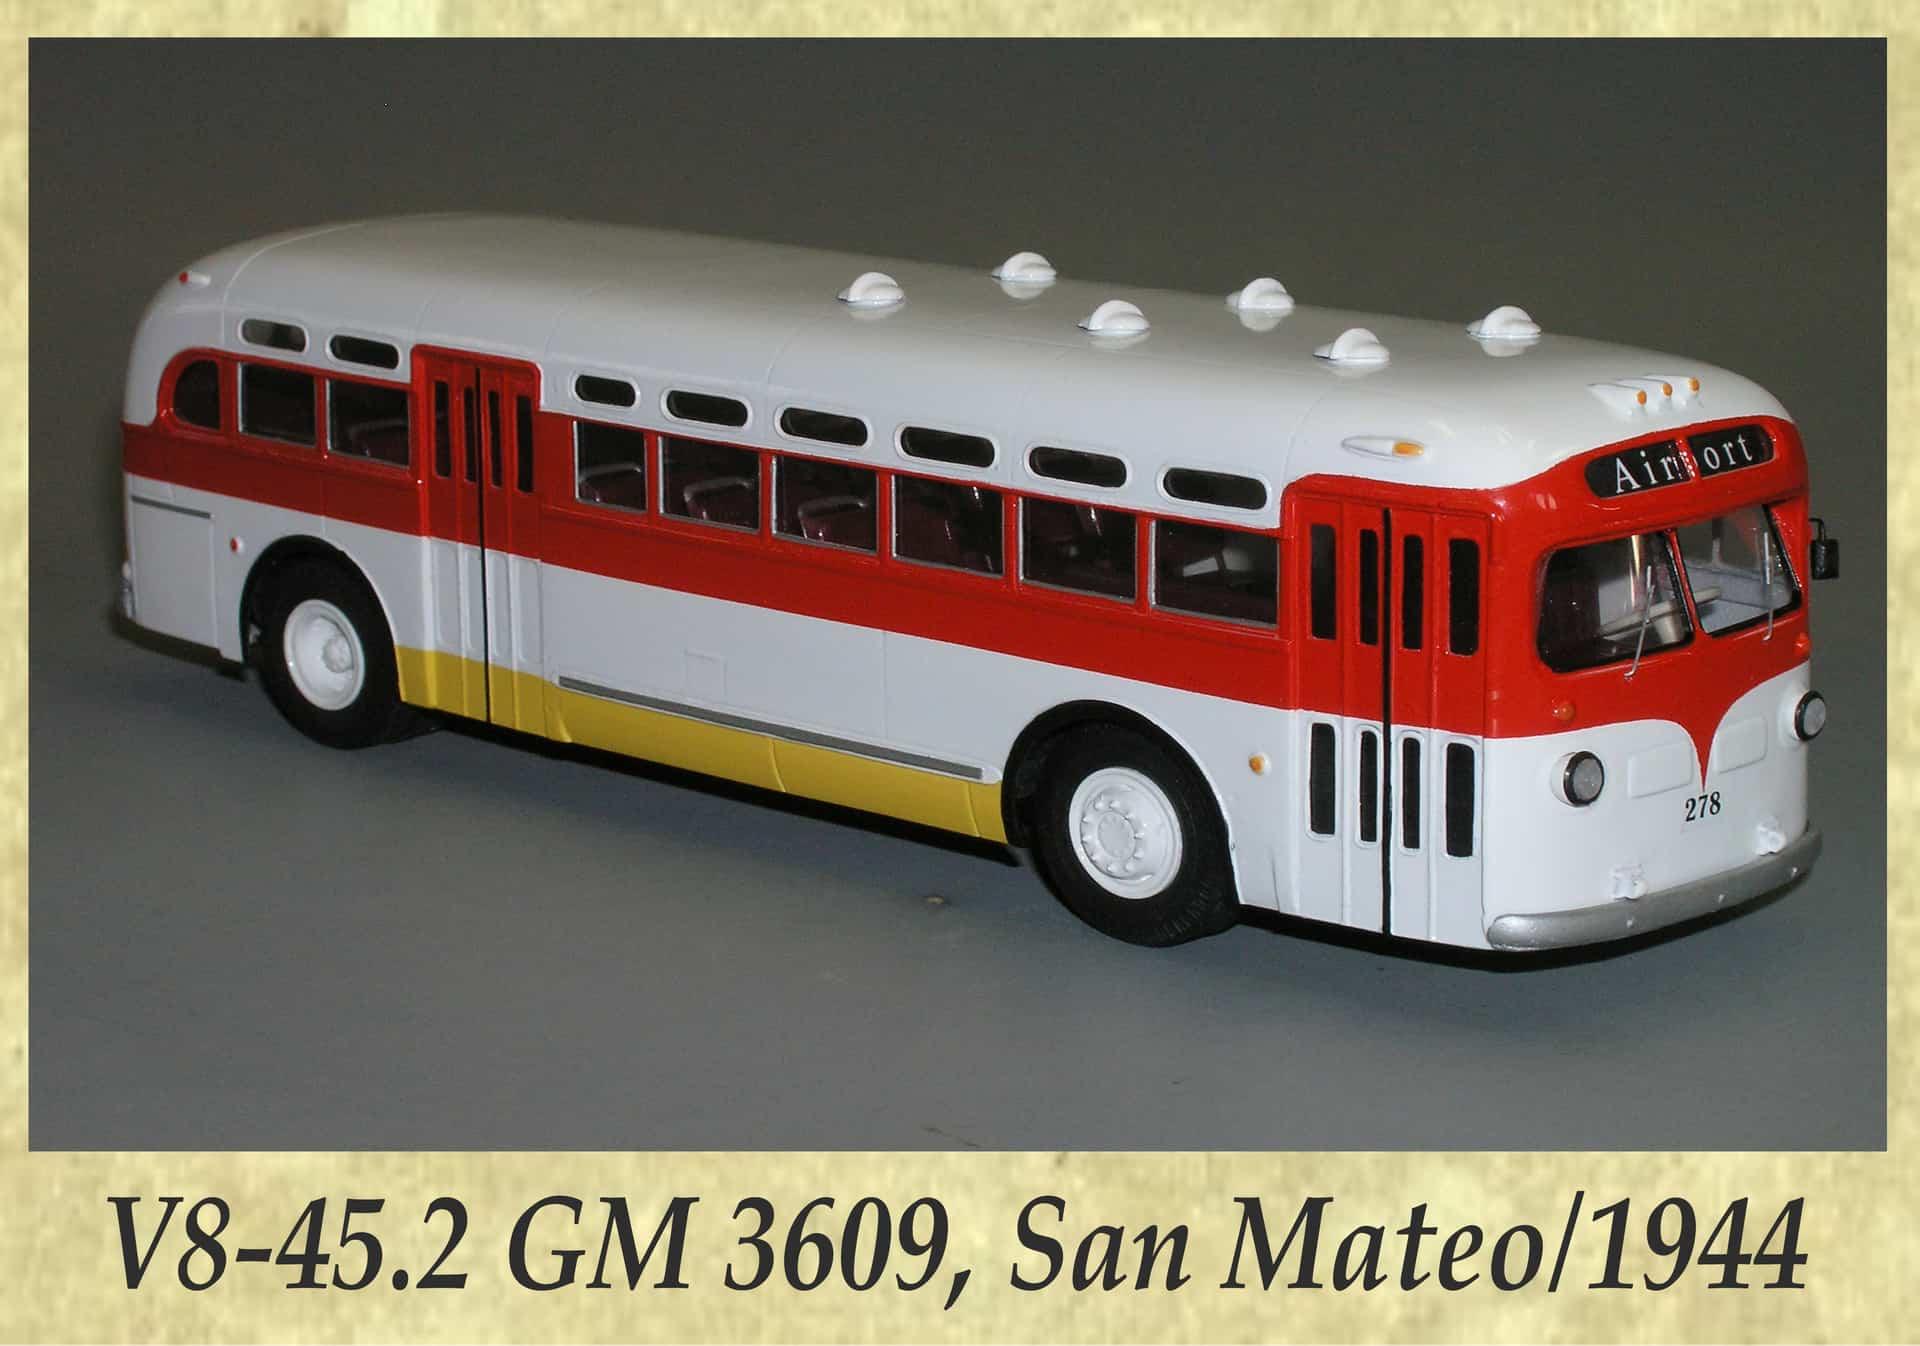 V8-45.2 GM 3609, San Mateo 1944